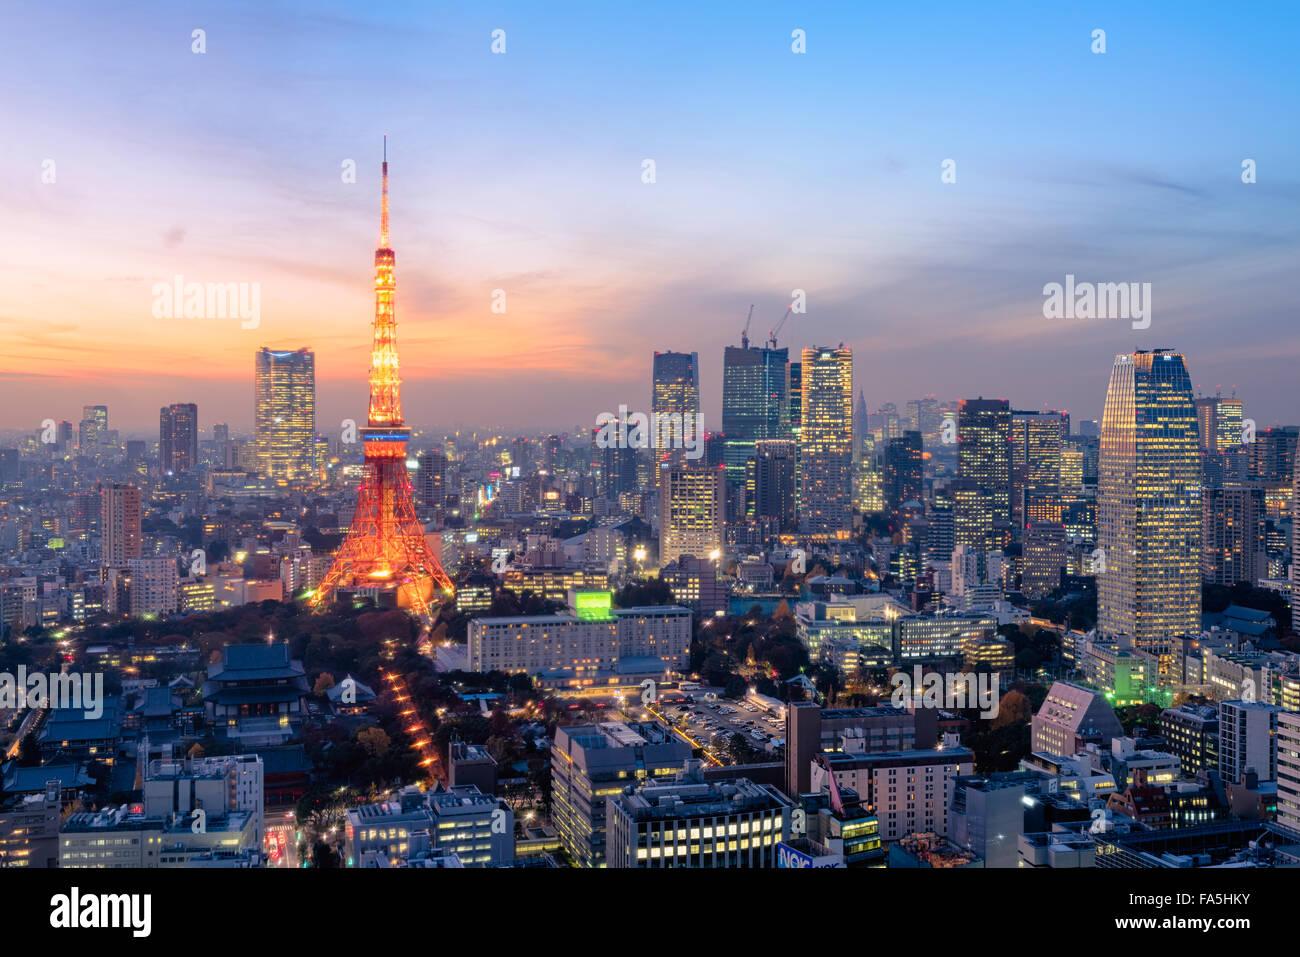 Tokyo, Giappone - Dic 12, 2015: vista notturna di Tokyo dall'alto.Tokyo è la capitale e la città più Immagini Stock